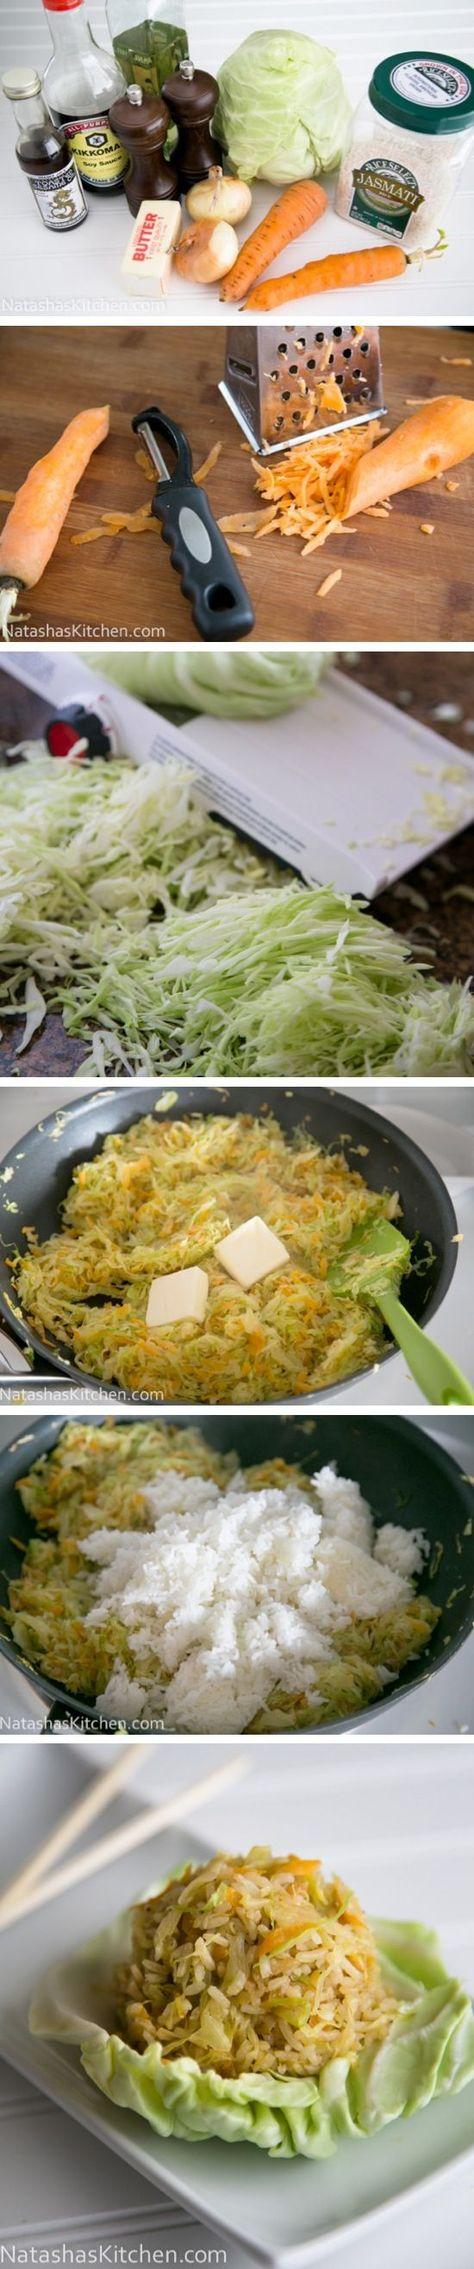 Repollo frito con arroz: 1 col, 1 zanahoria, 1 cebolla, (todo finamente picado), 2 cdas aceite, 3 tazas Arroz ya cocido, 2 cds mantequilla, 2 de Salsa de soja, 1 cdita aceite sésamo, sal y pimienta. Saltear las verduras en Wok 7-10´ moviendo constantemente. Añadir la mantequilla y el arroz cocido. Mezclar bien, agregar resto de ingredientes y servir - Cabbage Fried Rice http://natashaskitchen.com/2013/04/15/cabbage-fried-rice-recipe-and-100-giveaway/